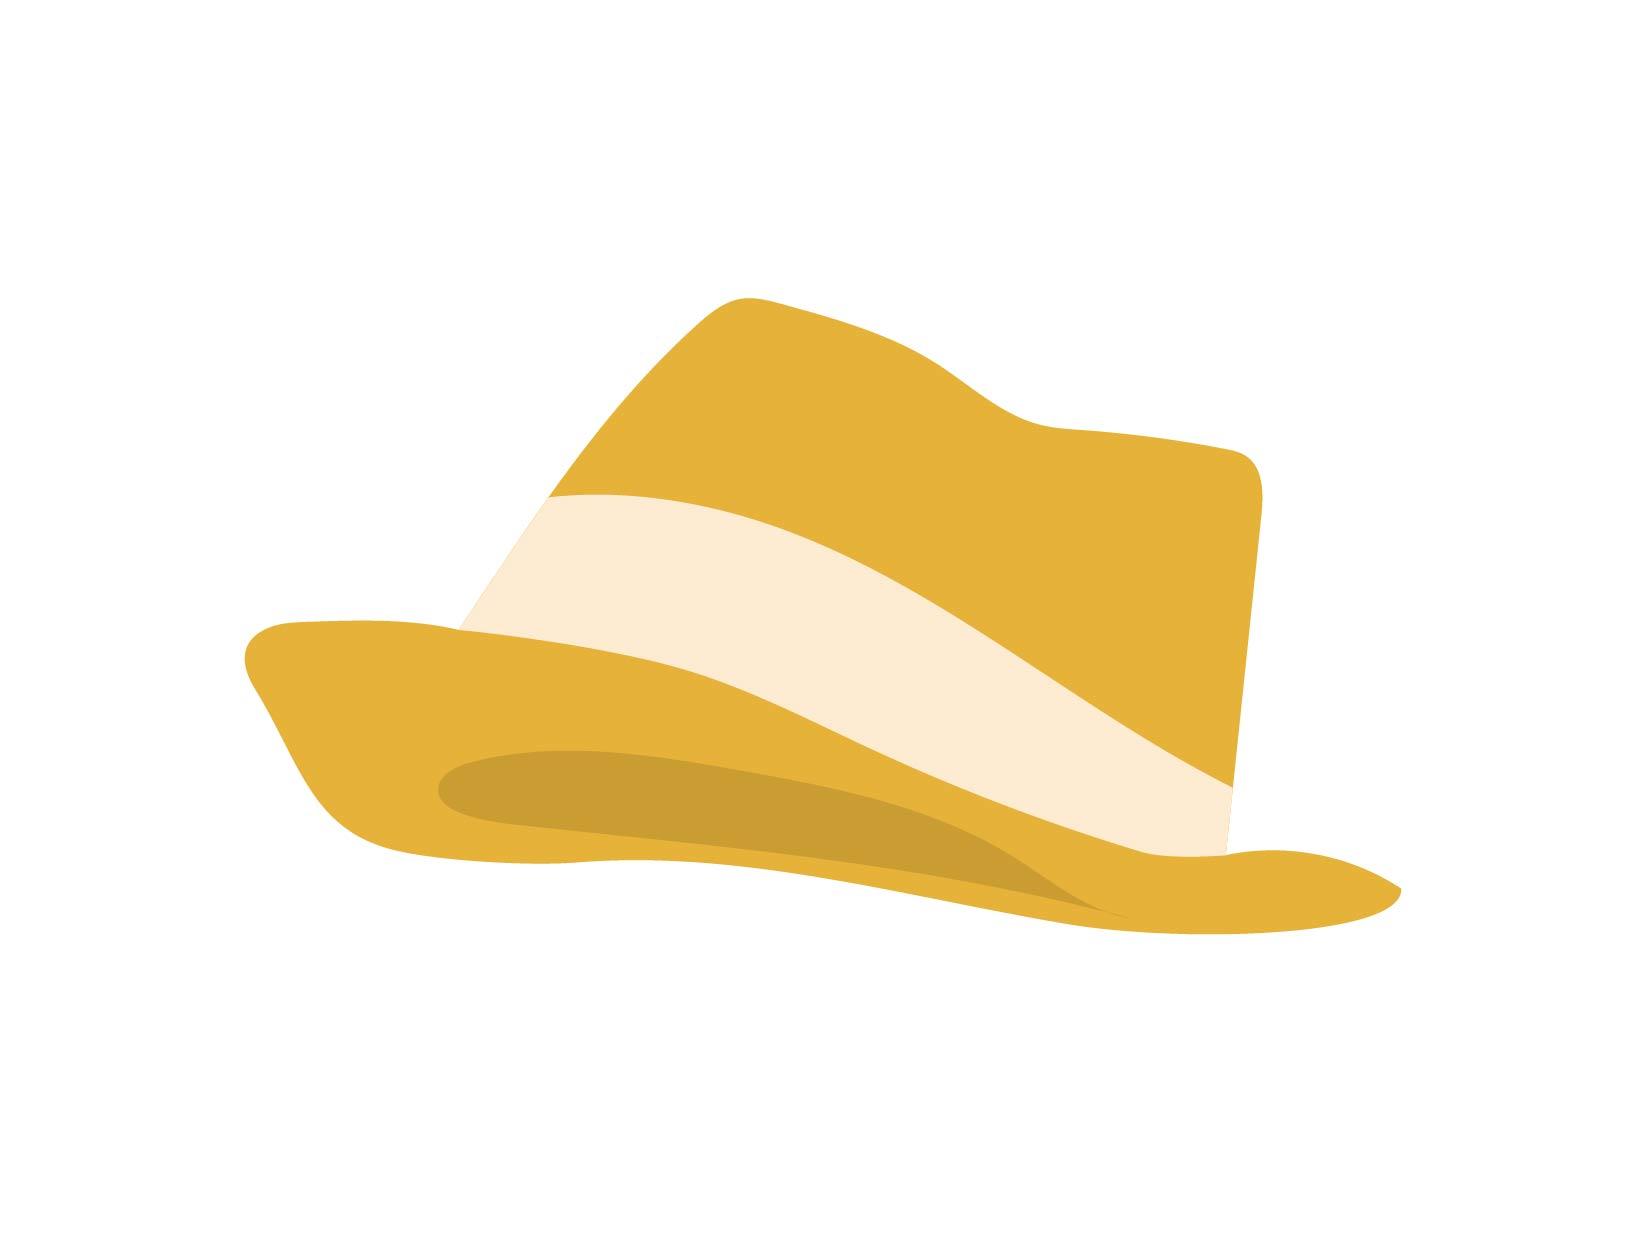 板橋駅 トランクルーム トランクルーム使い方色々 ~帽子~